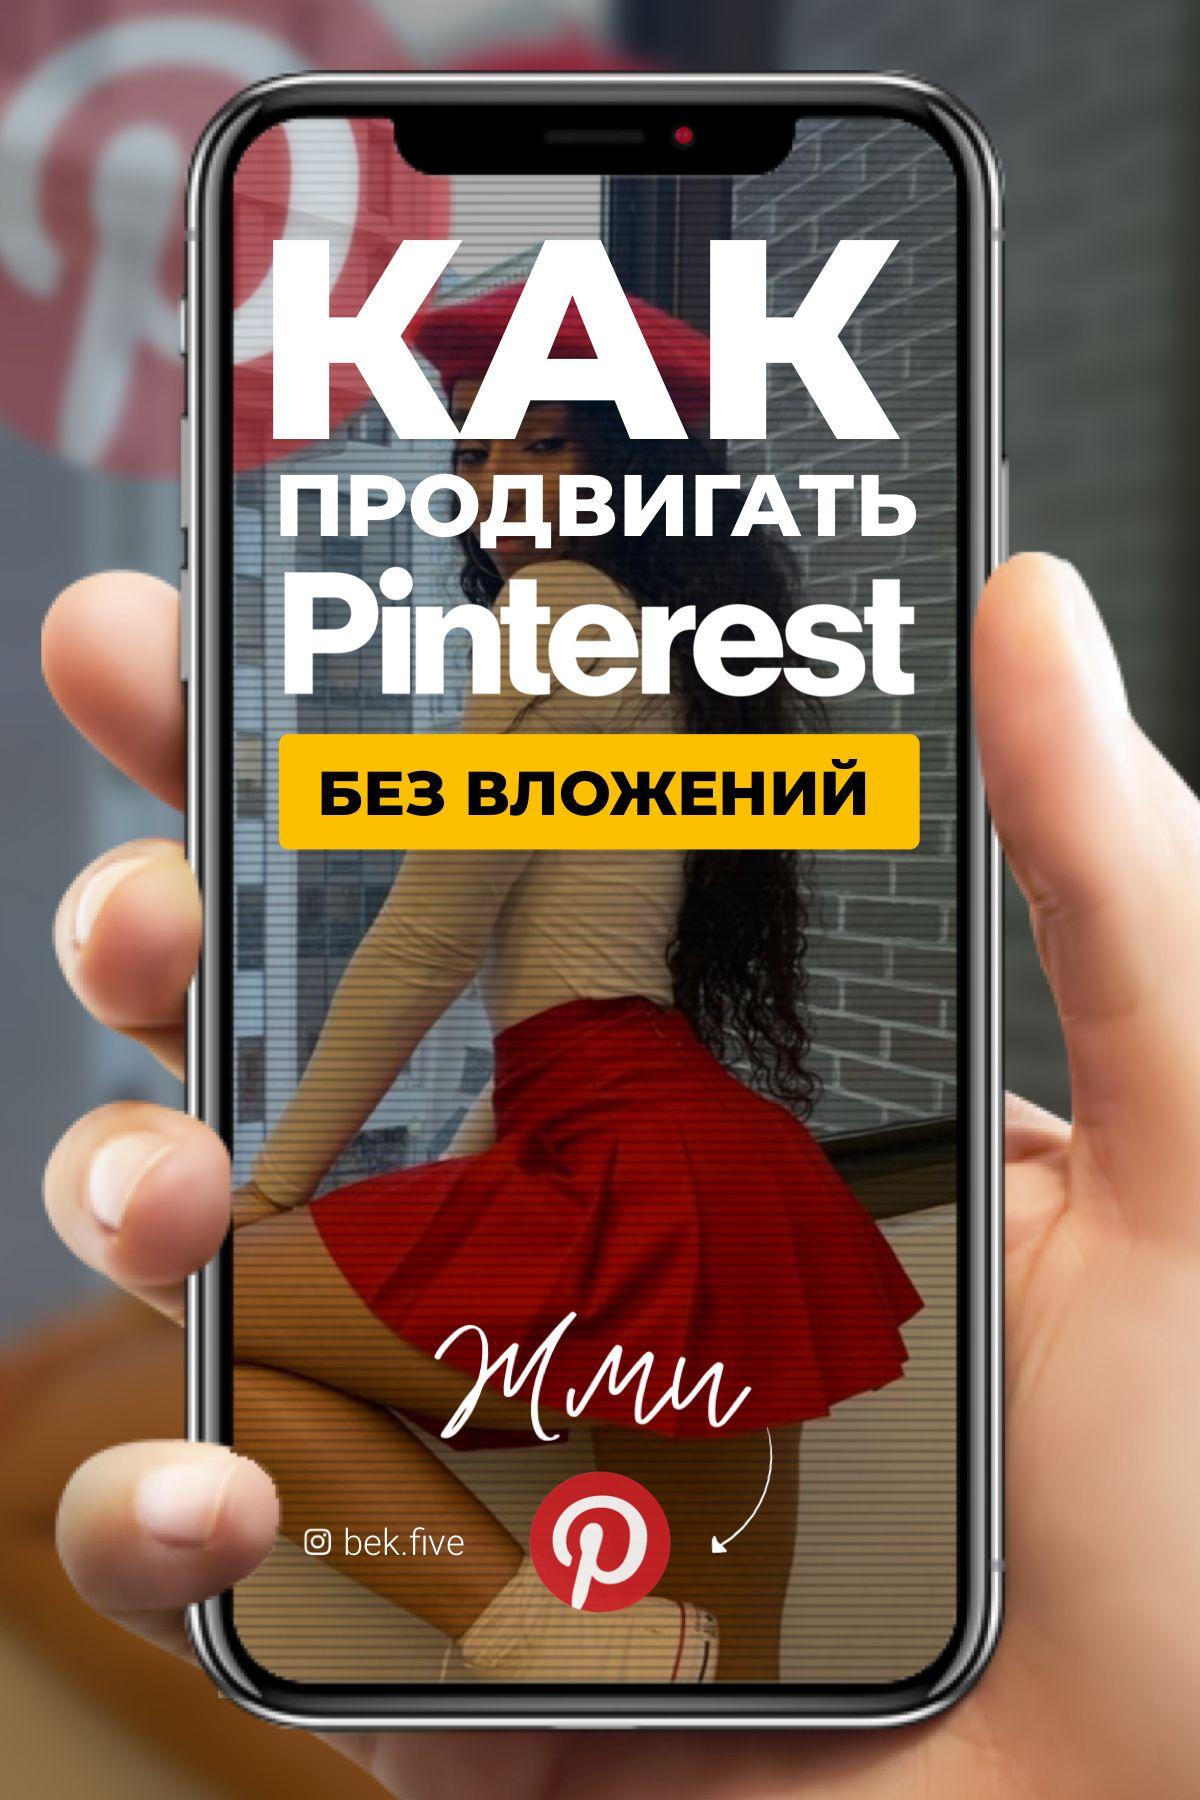 как запустить таргетированную рекламу в инстаграм